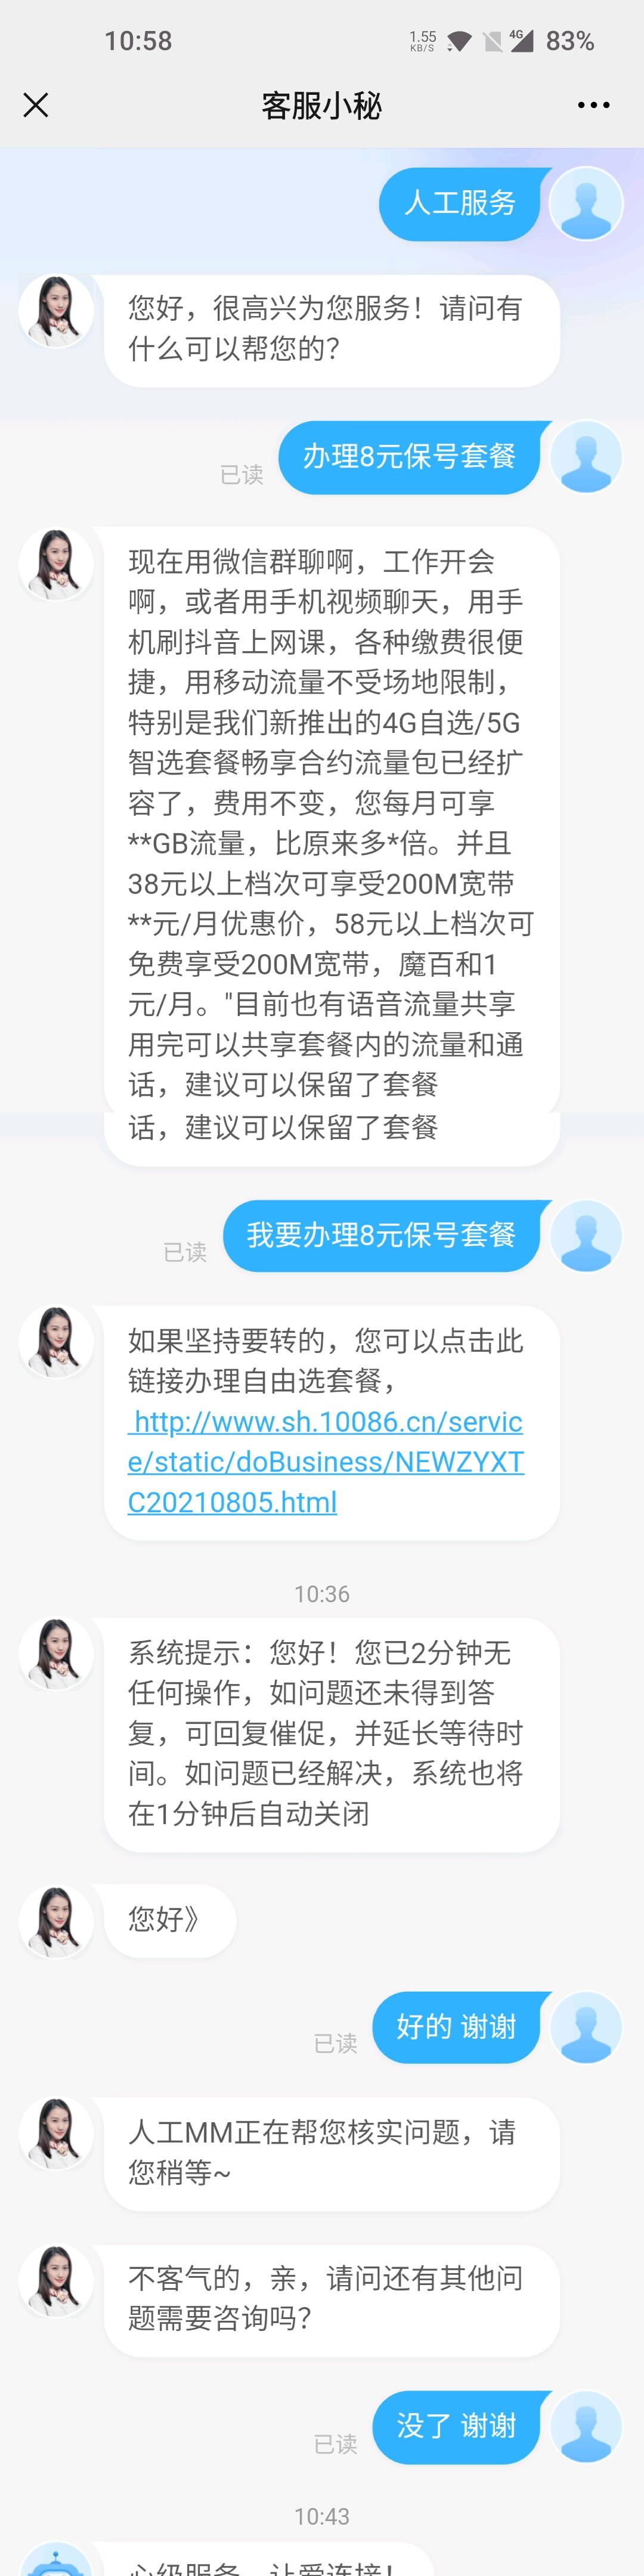 上海移动8元保号套餐最速修改法!!!